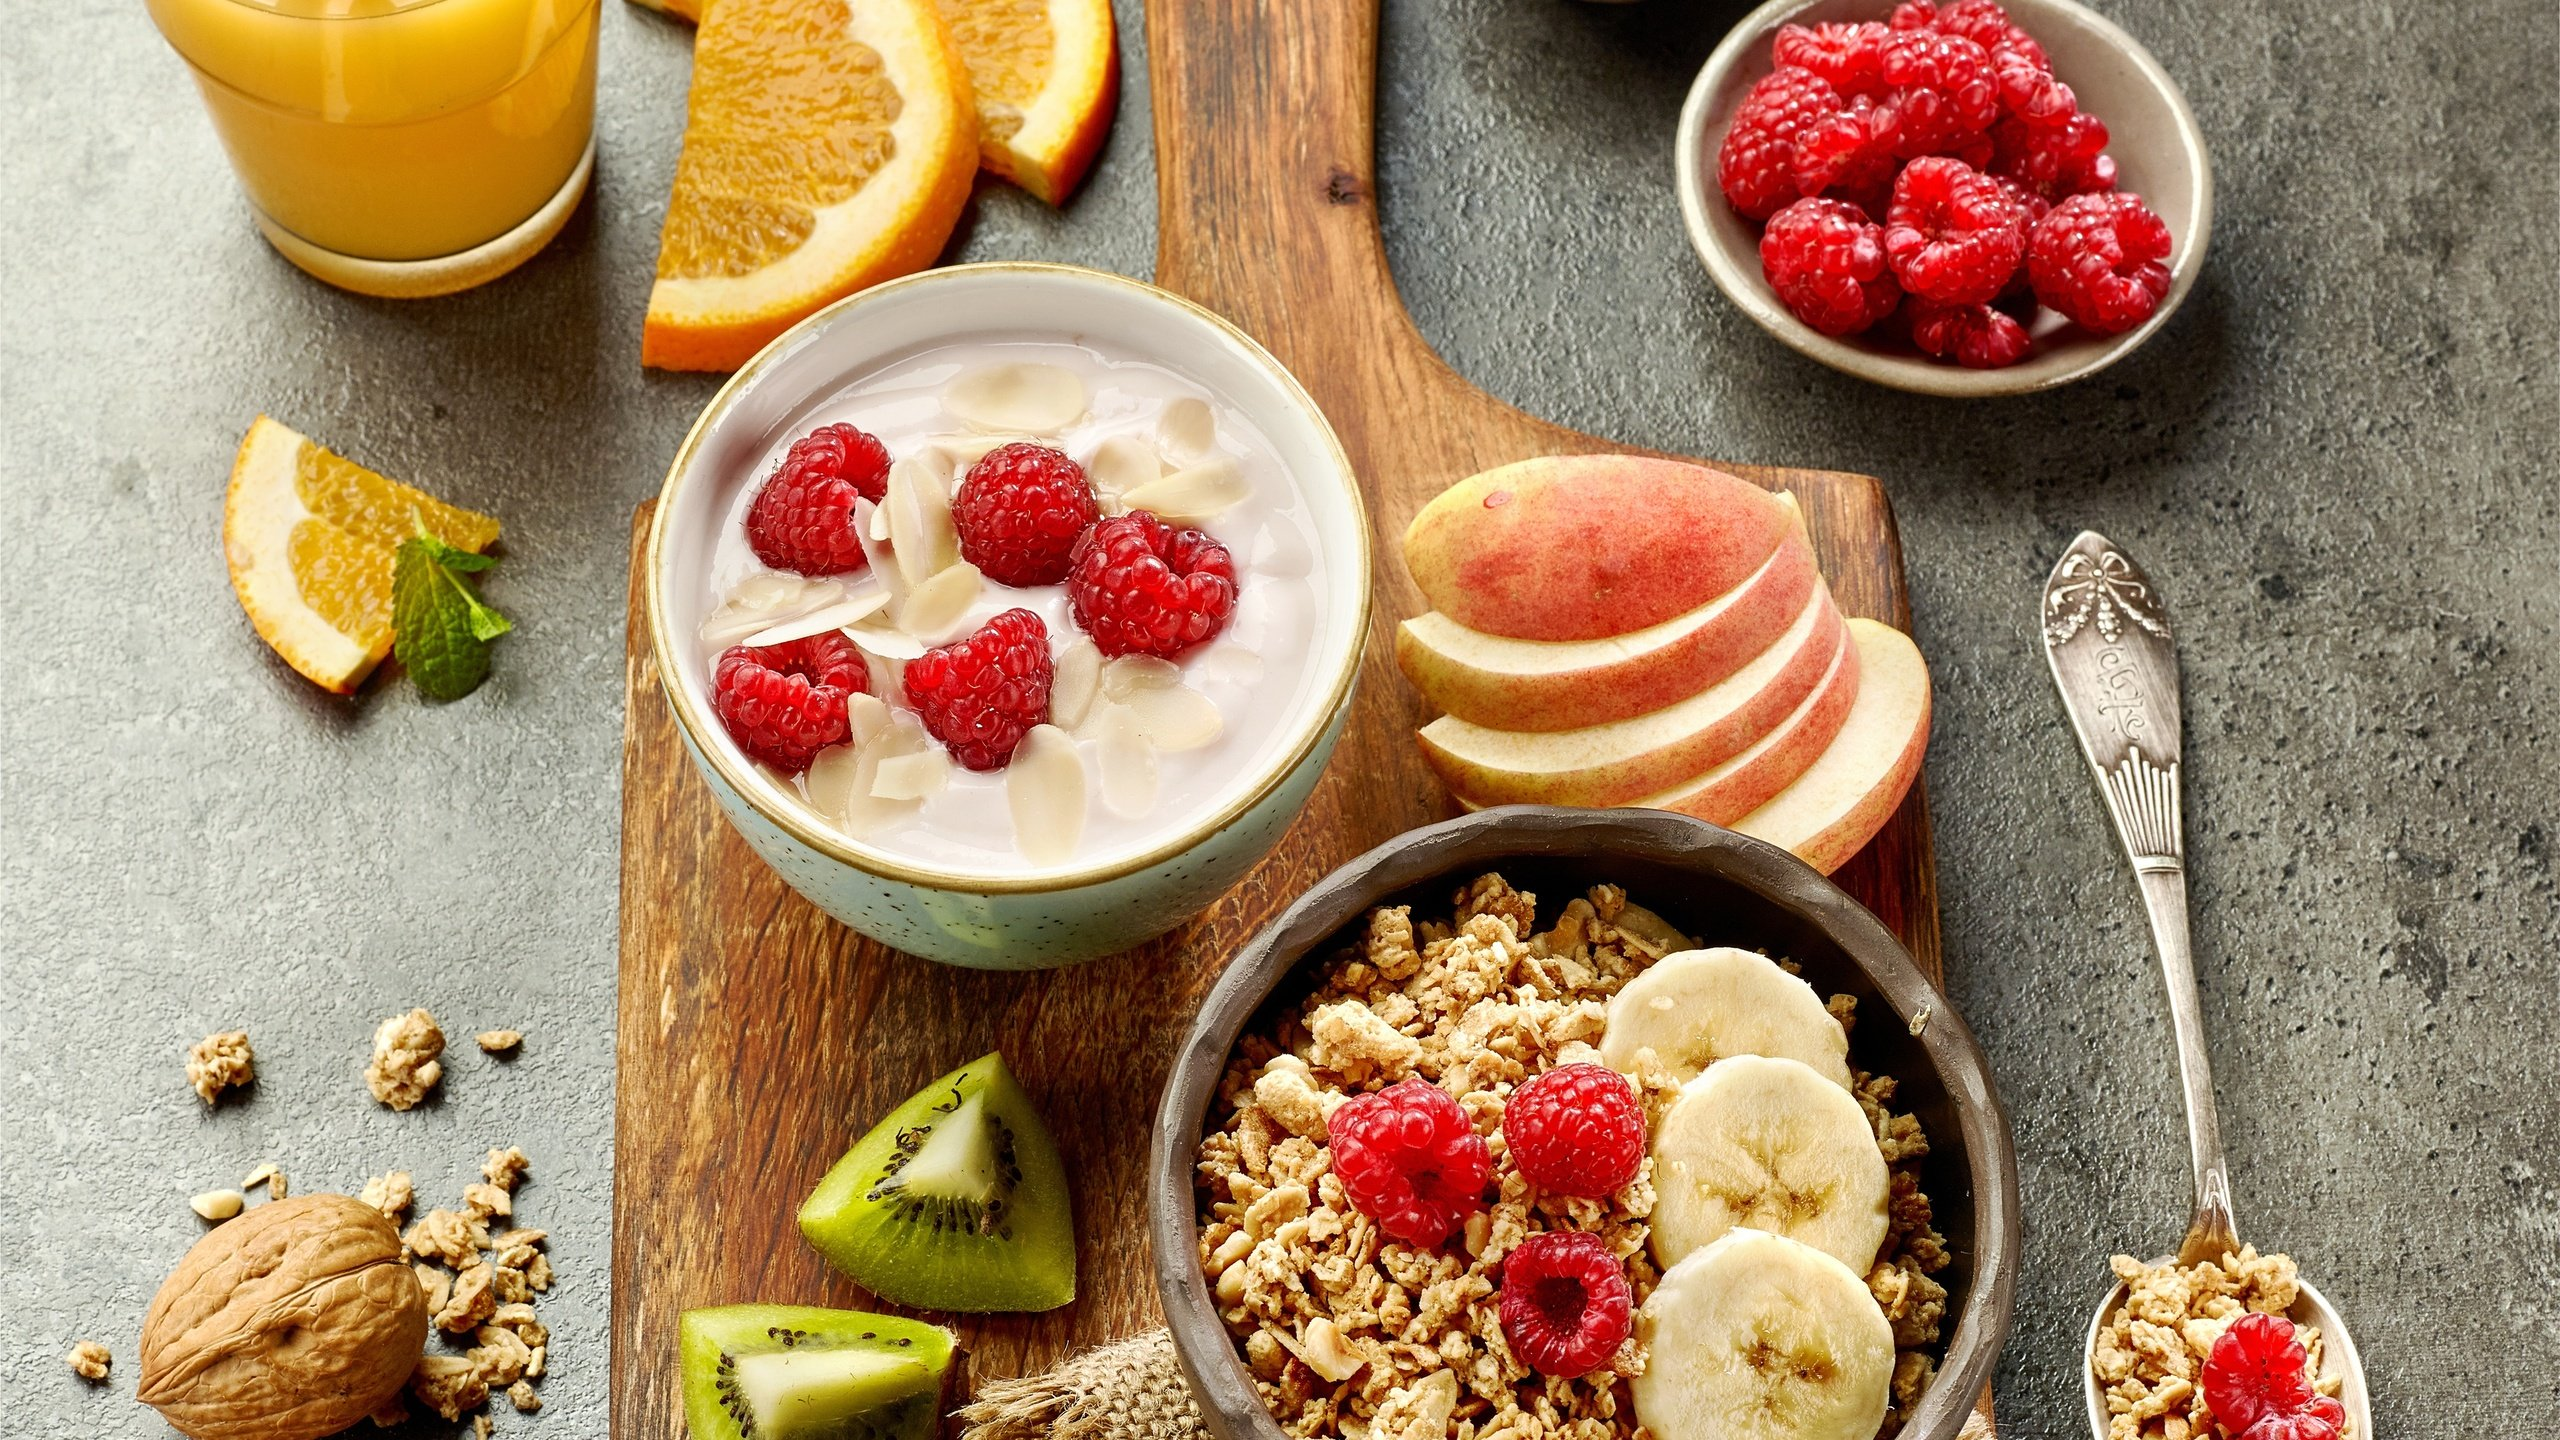 уход за больными сахарным диабетом 2 типа